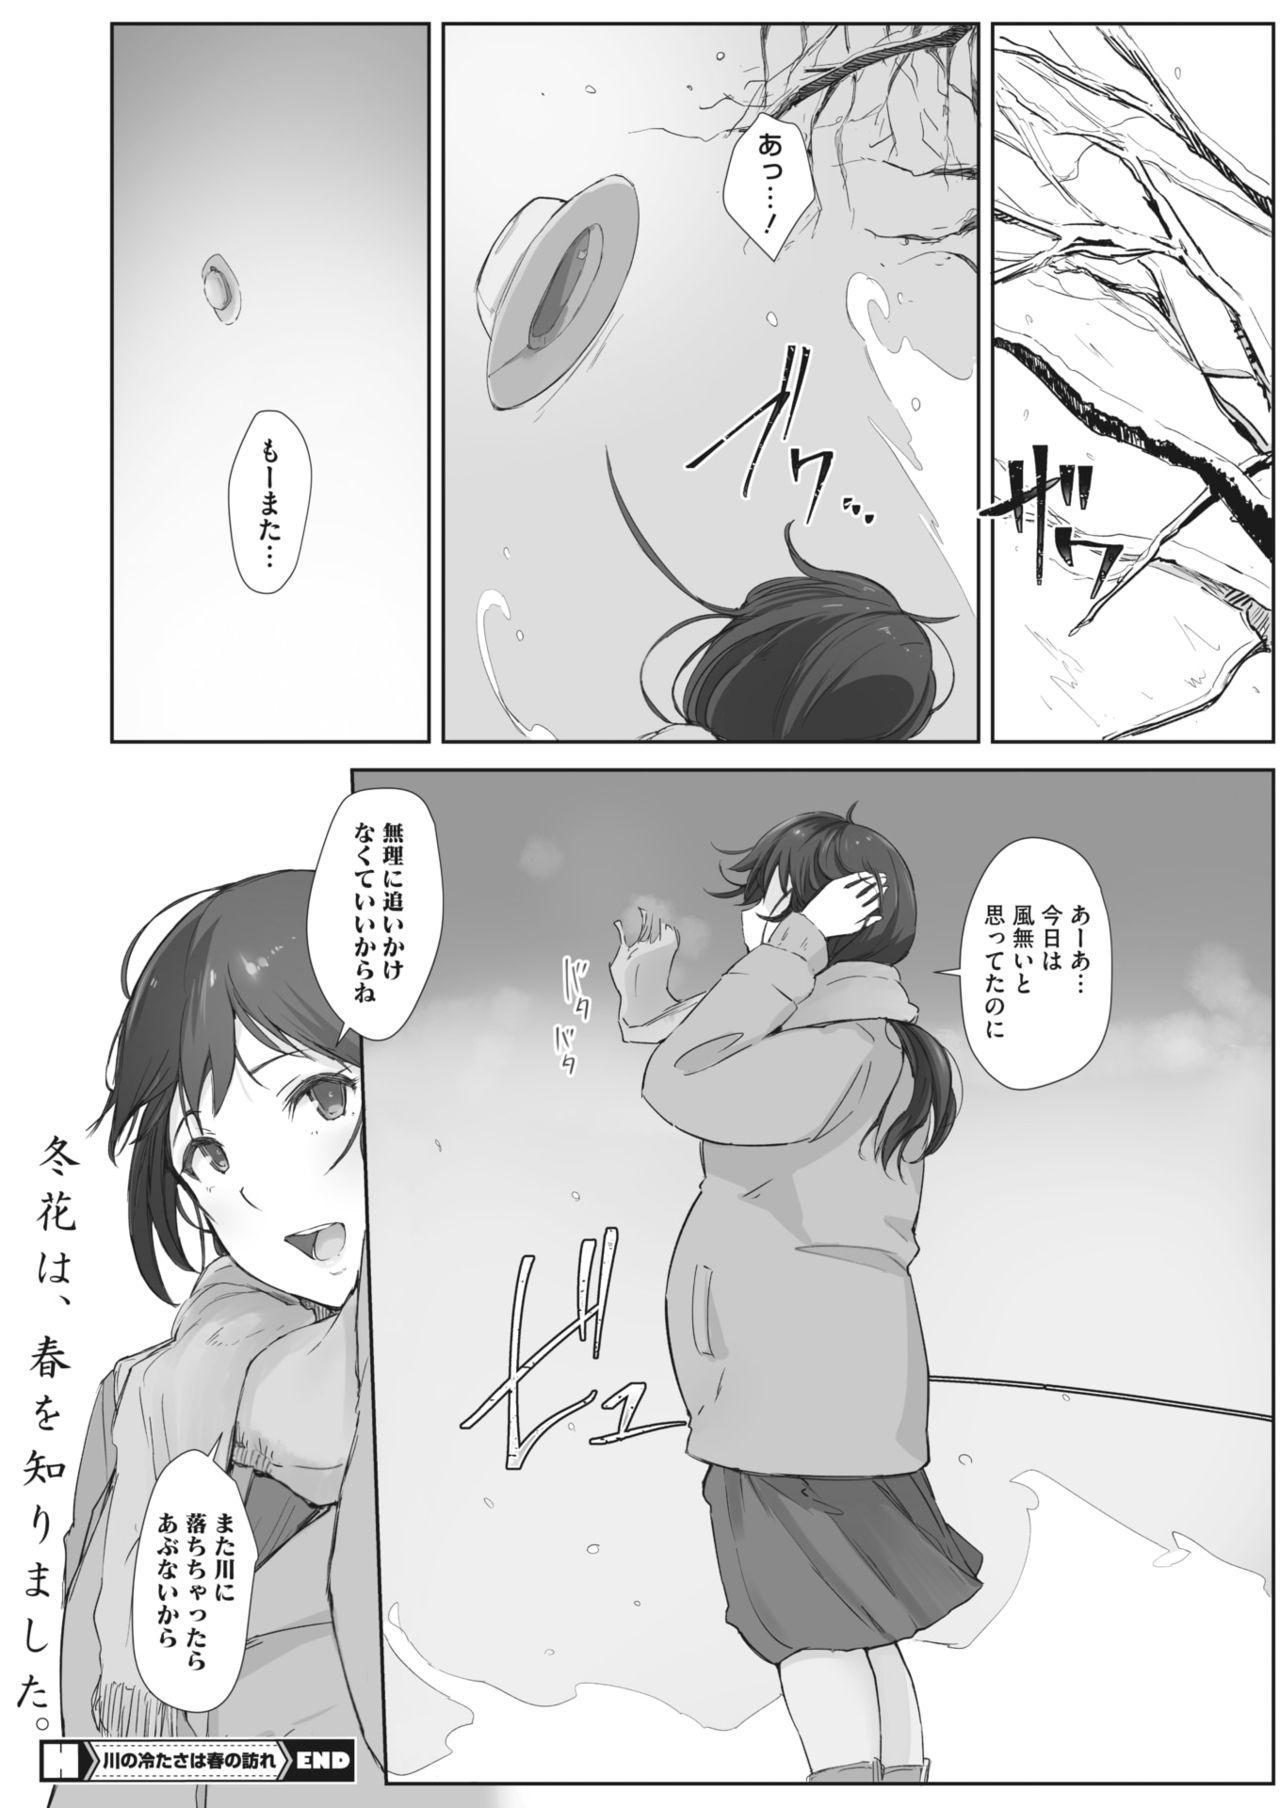 Kawa no Tsumetasa wa Haru no Otozure 1-4 107